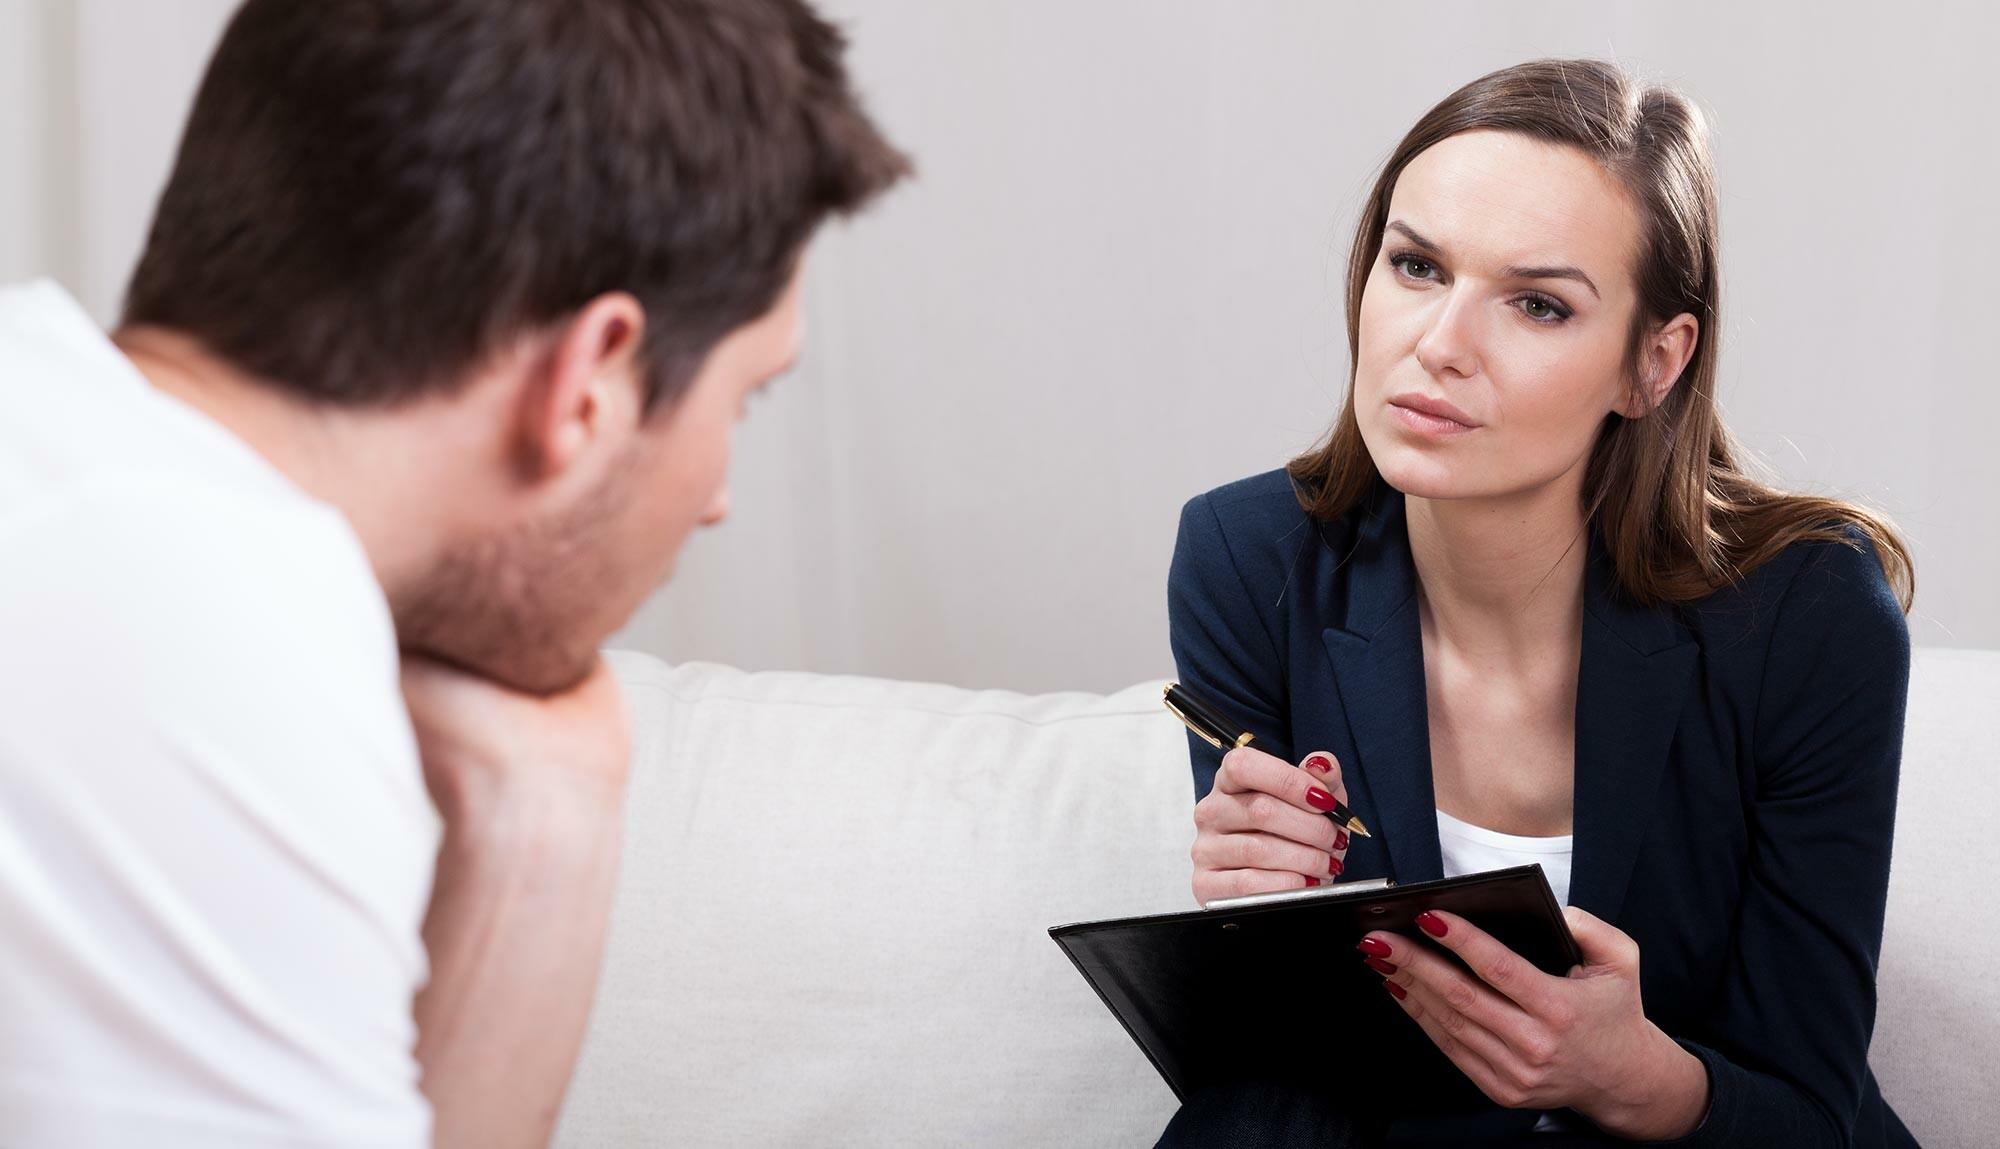 Психолог занимается диагностикой разных личностных проблем, также он проводит консультации